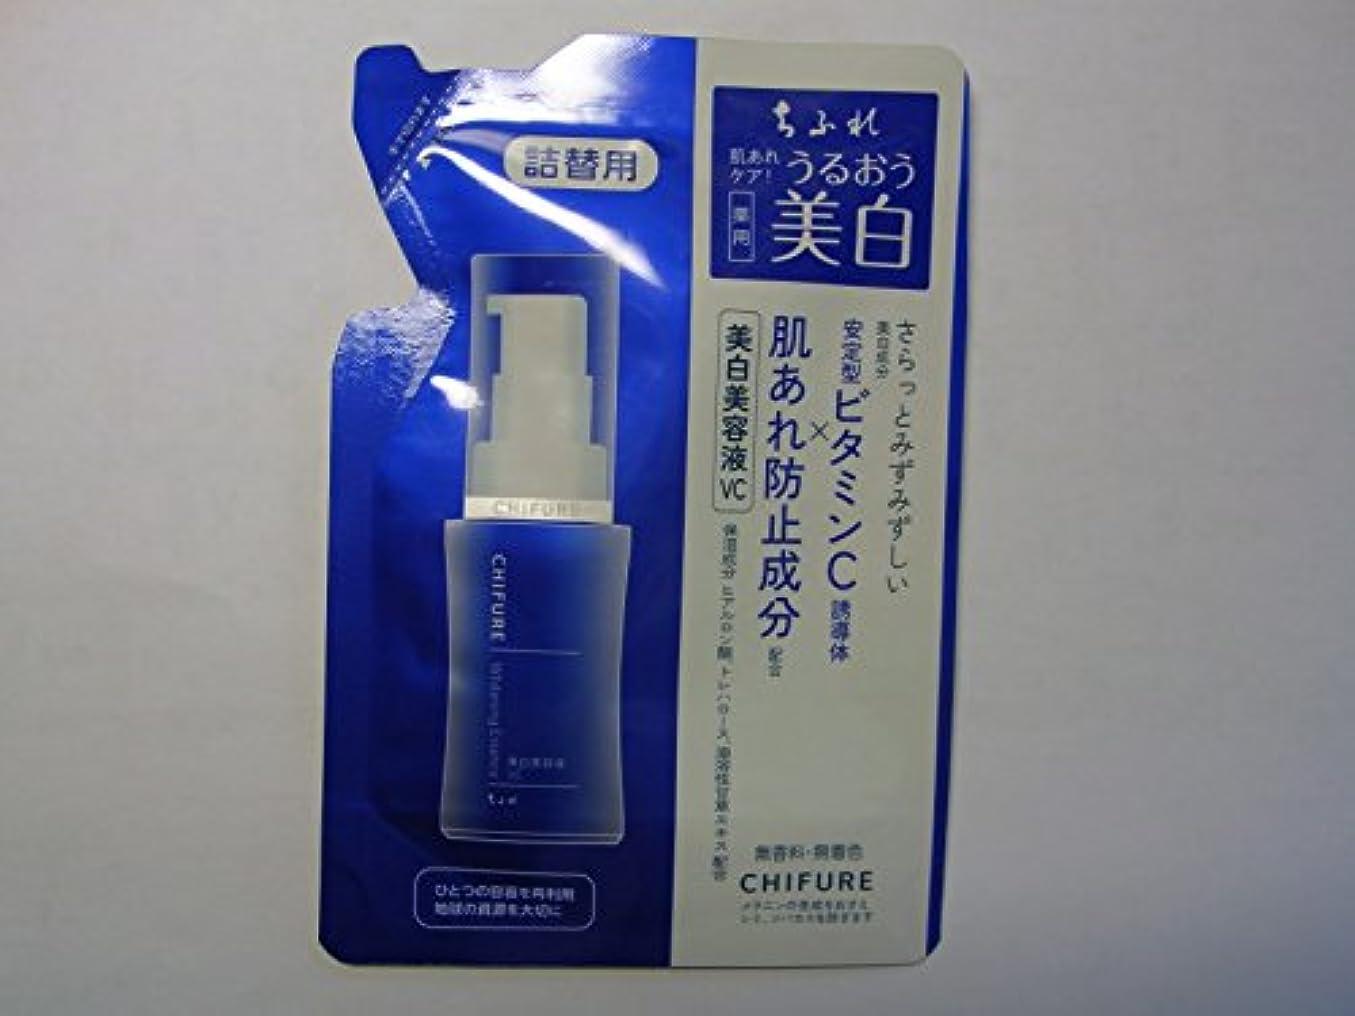 推進力強度大通りちふれ化粧品 美白美容液 VC 詰替 30ML (医薬部外品)